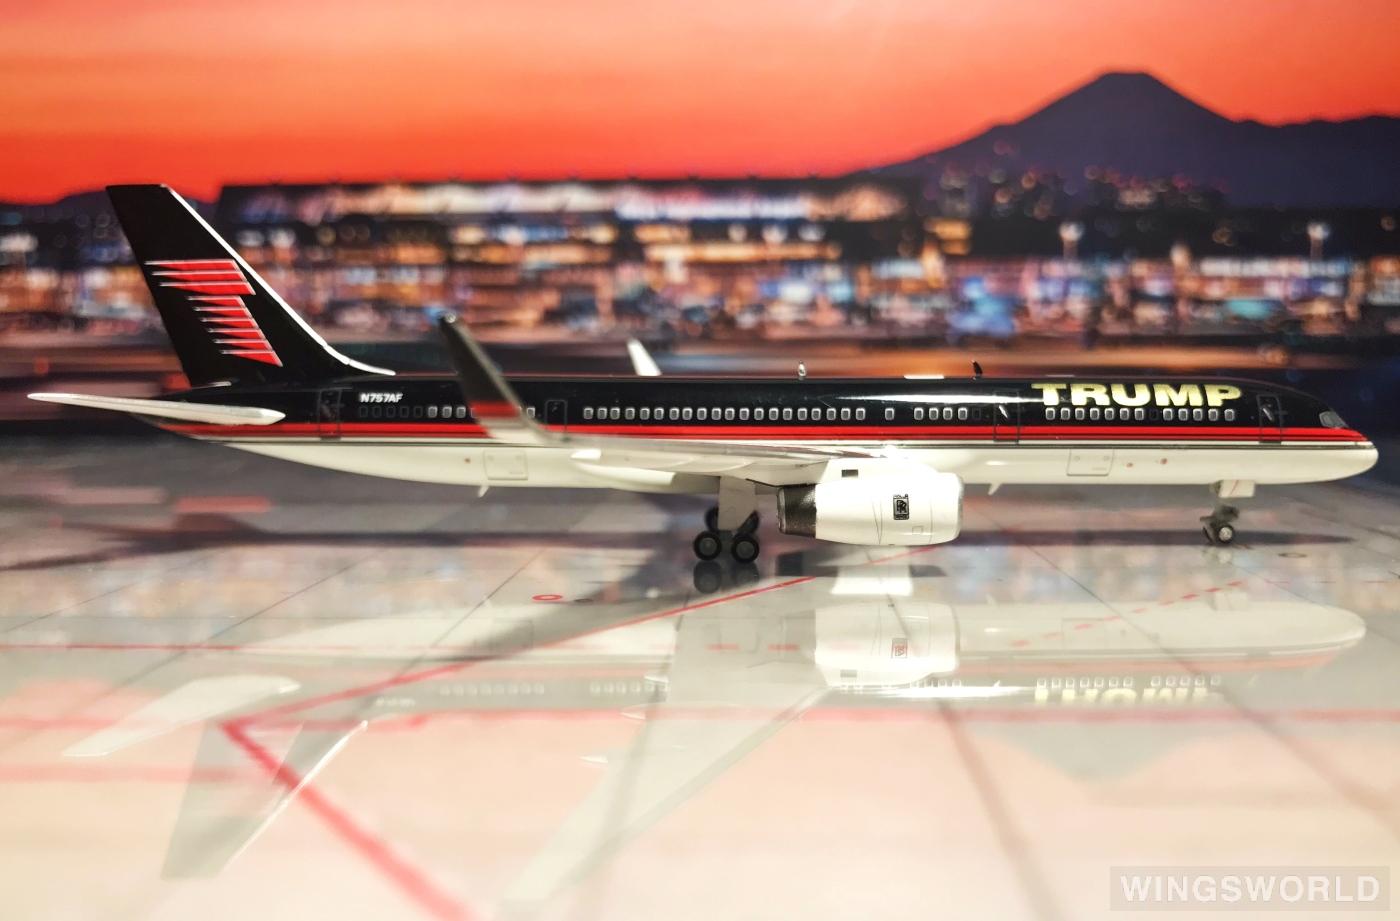 Ngmodel 1:400 NG53019 Trump Airlines 特朗普航空 Boeing 757-200 N757AF